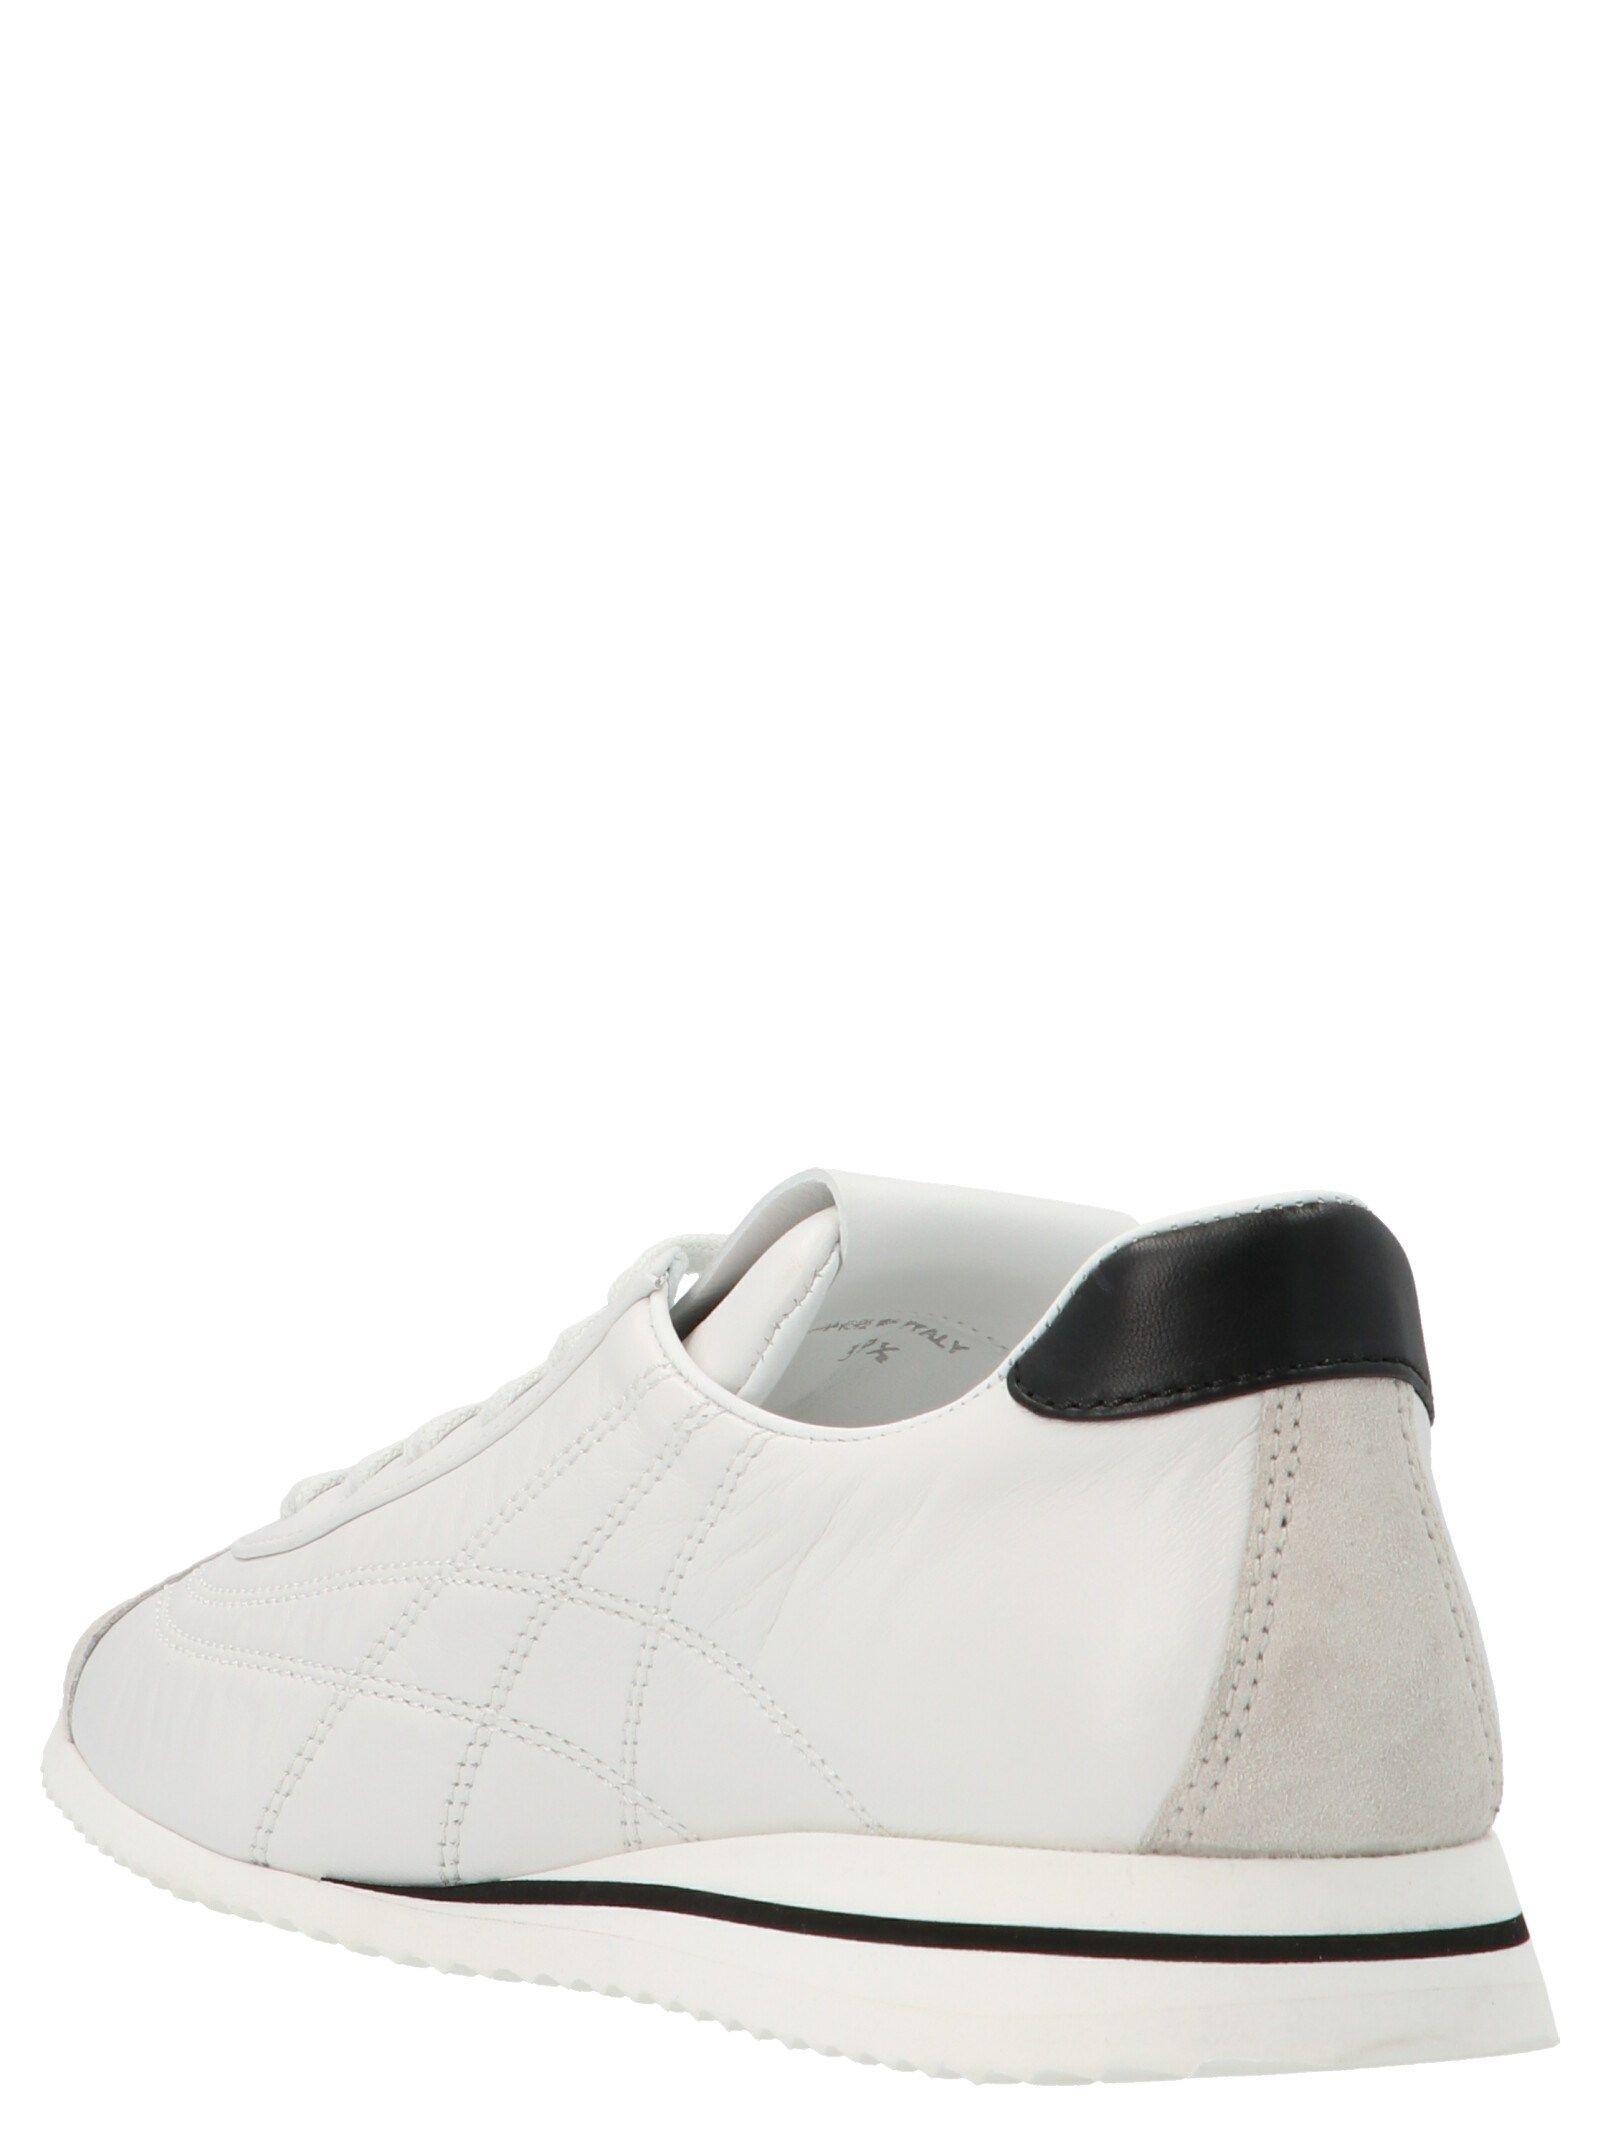 MIU MIU Leathers MIU MIU WOMEN'S WHITE OTHER MATERIALS SNEAKERS